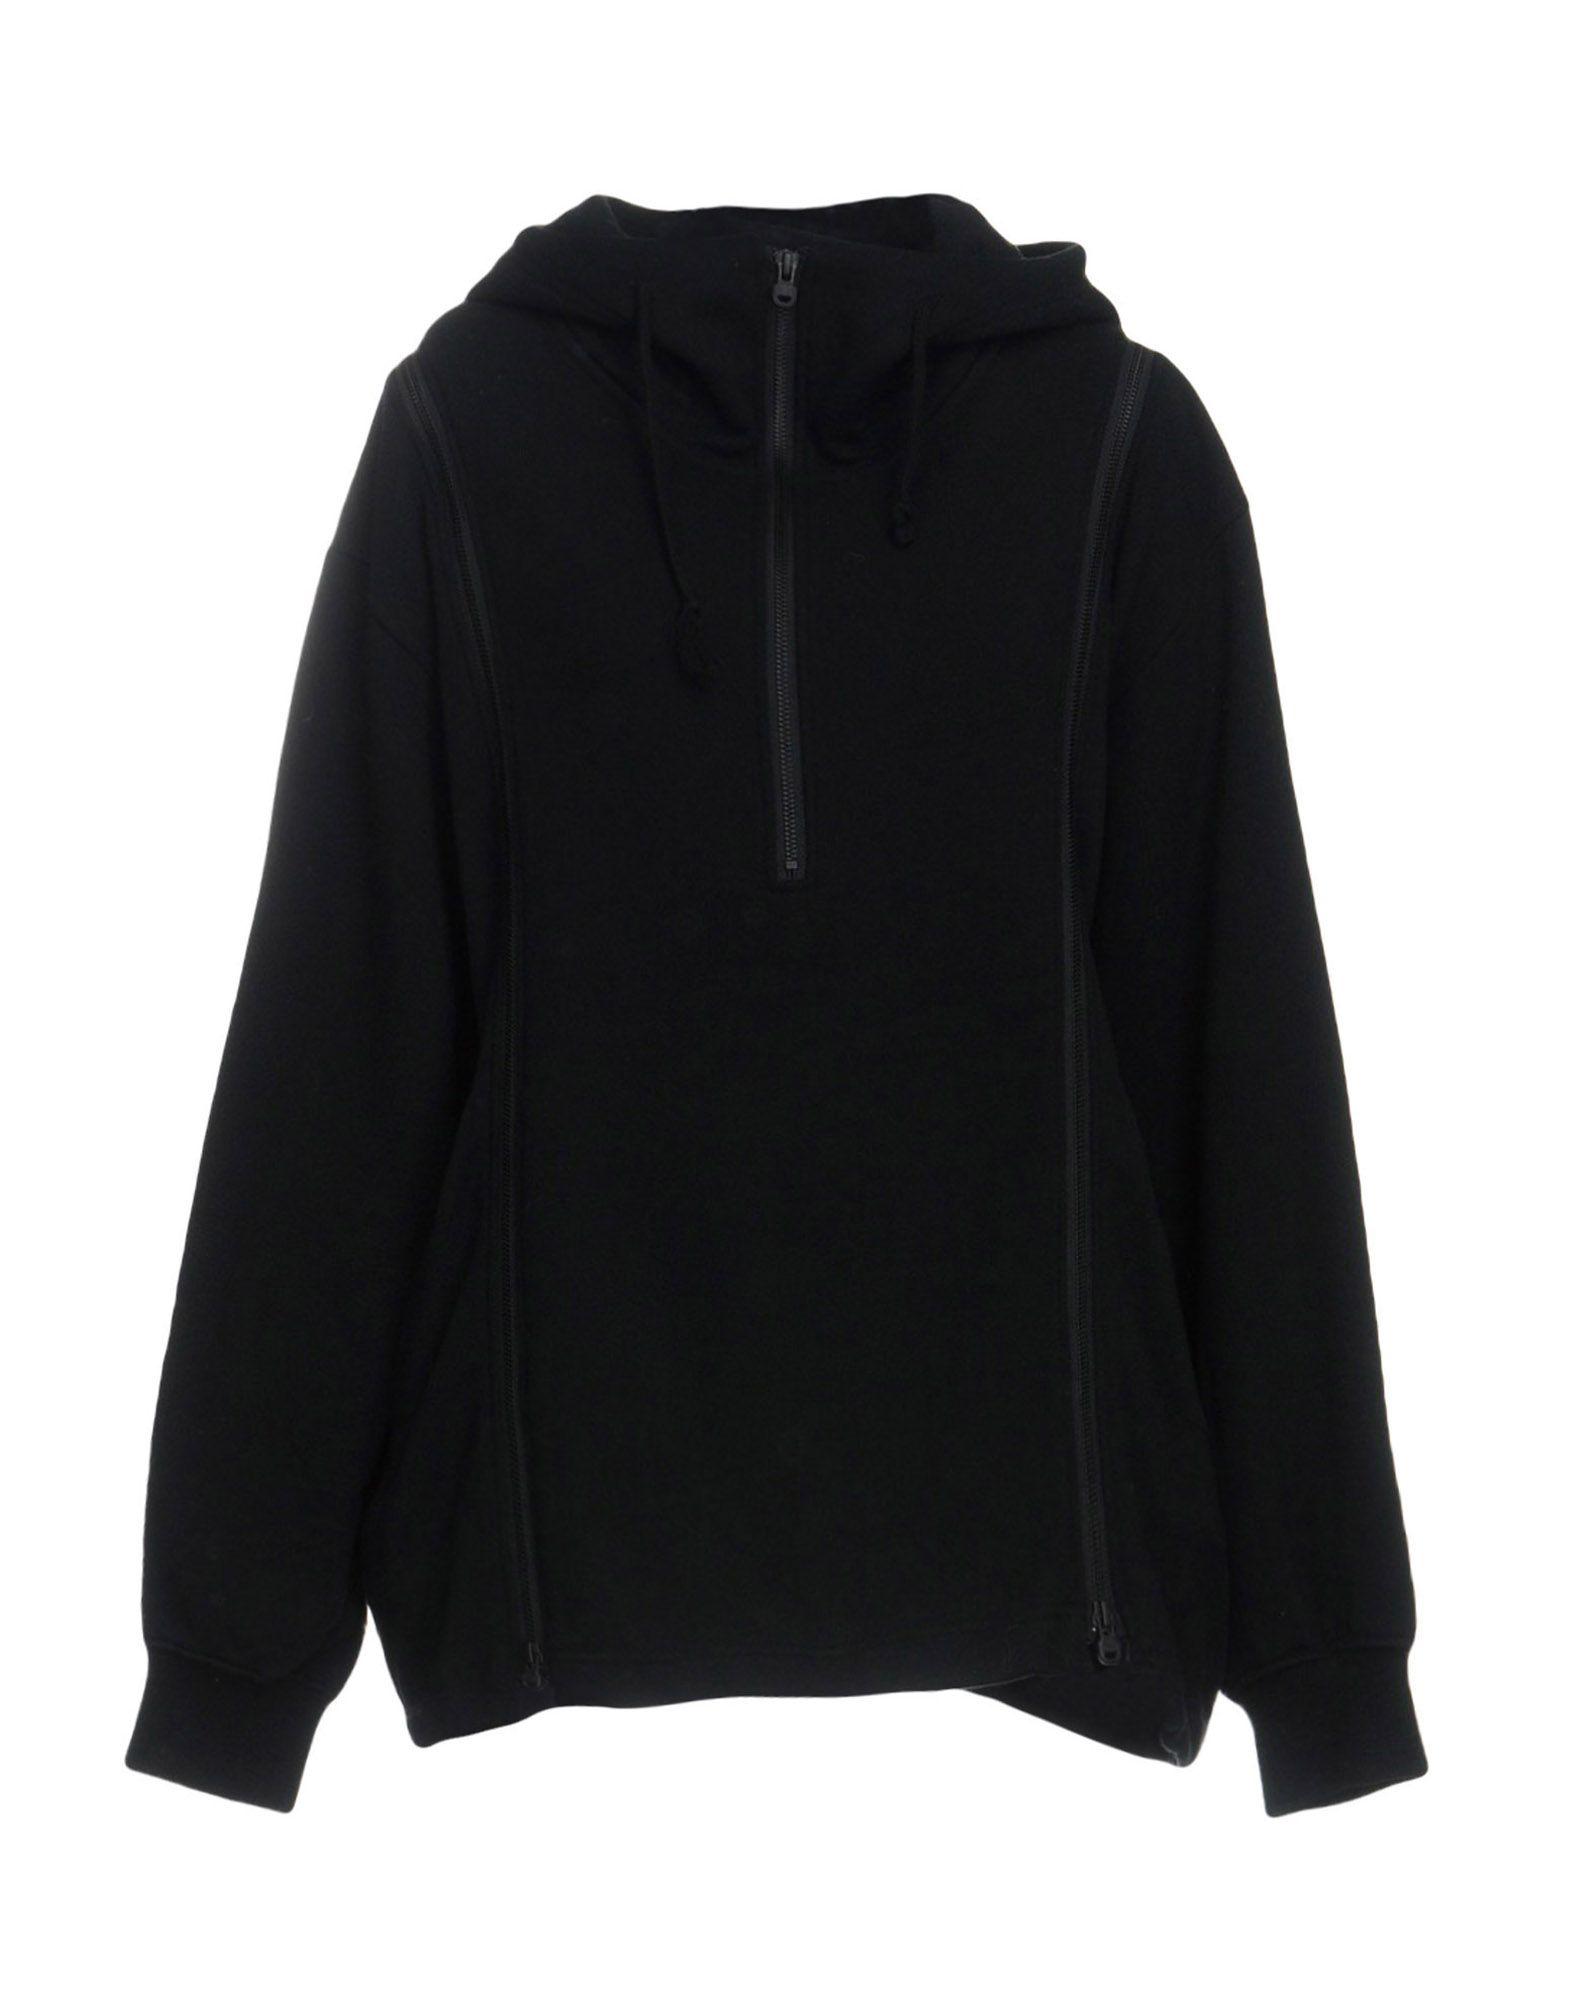 《送料無料》WHITE MOUNTAINEERING レディース スウェットシャツ ブラック 2 コットン 100%